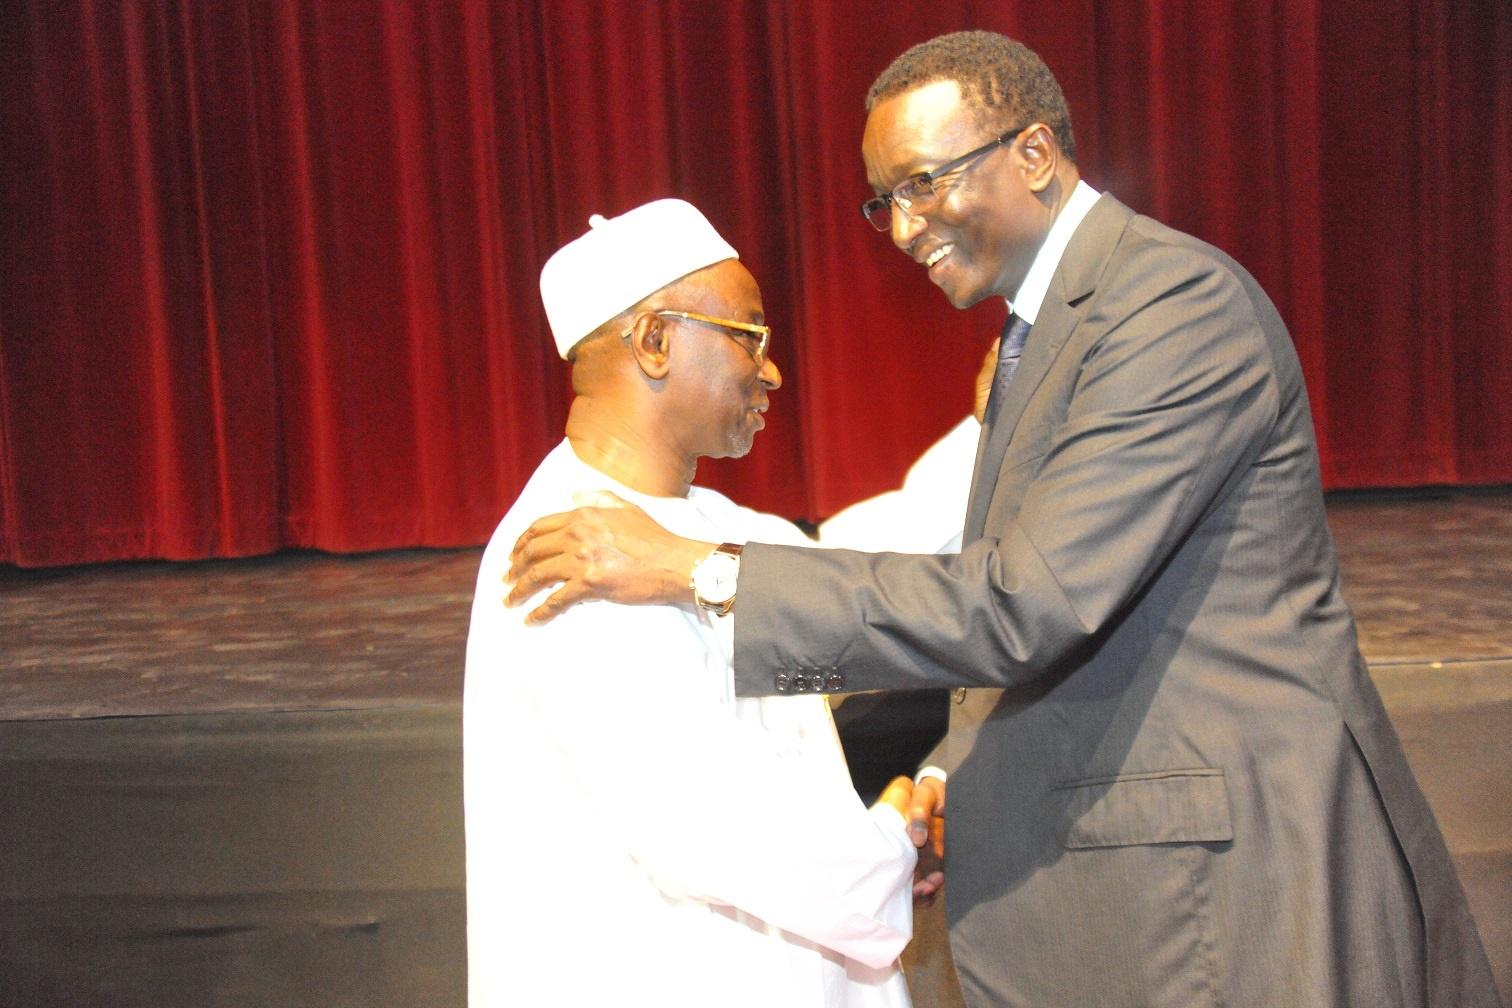 Décryptage Leral- Prospective : Abdoulaye Diop-Macky Sall, un rapprochement pour la continuité  ?